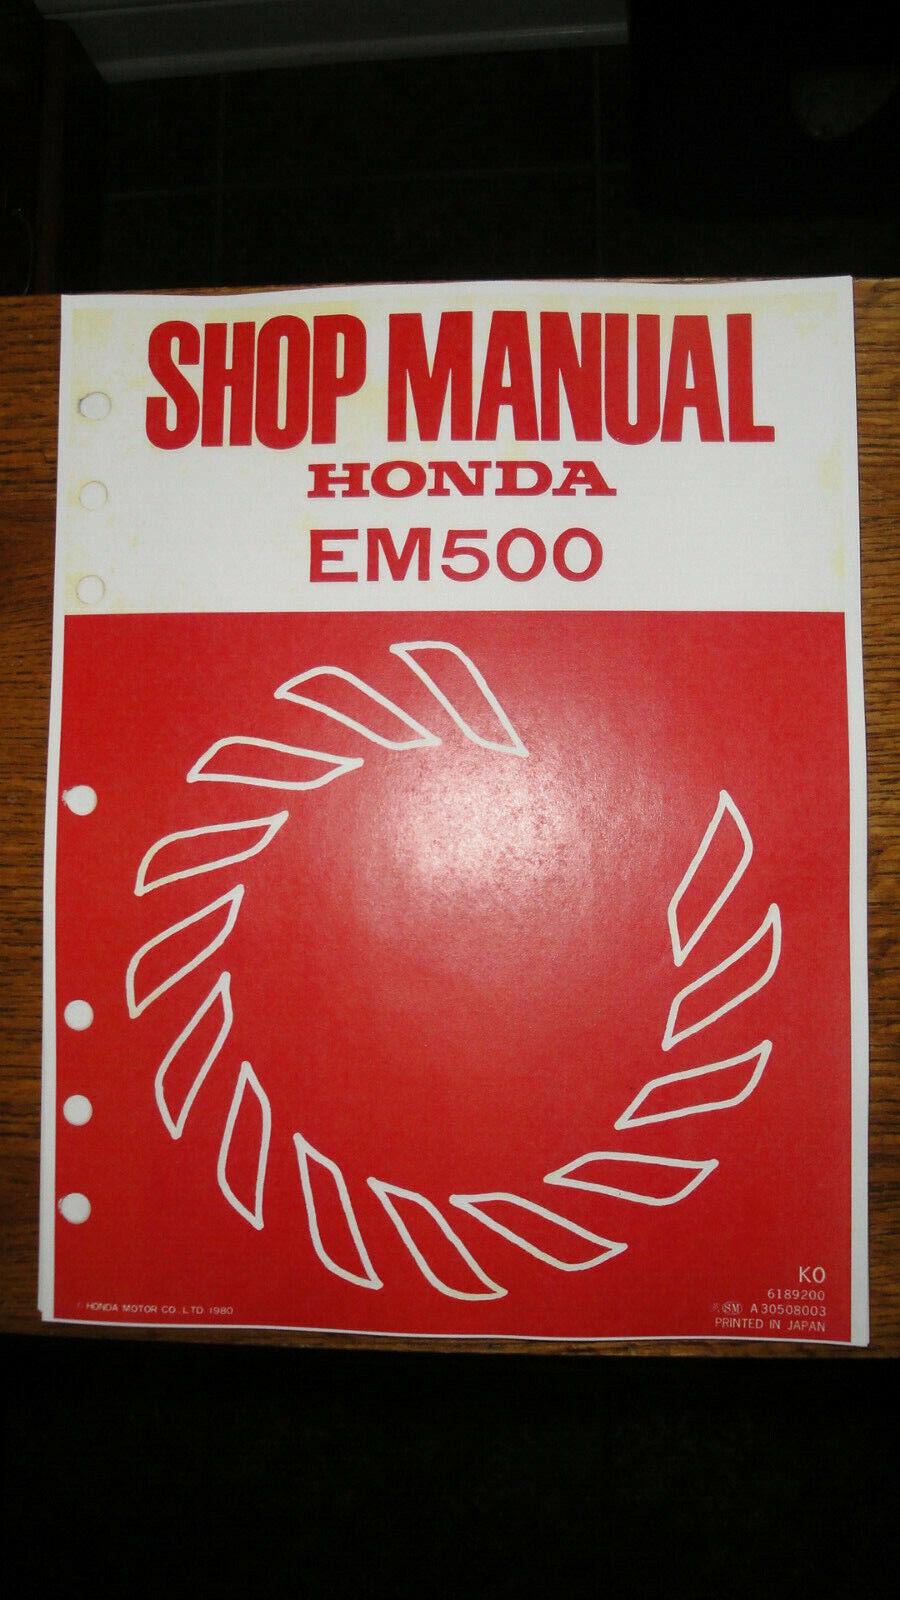 HONDA EM500 GENERATOR SHOP MANUAL WITH SUPPLEMENT COVERING EM500 K1 AND EM600